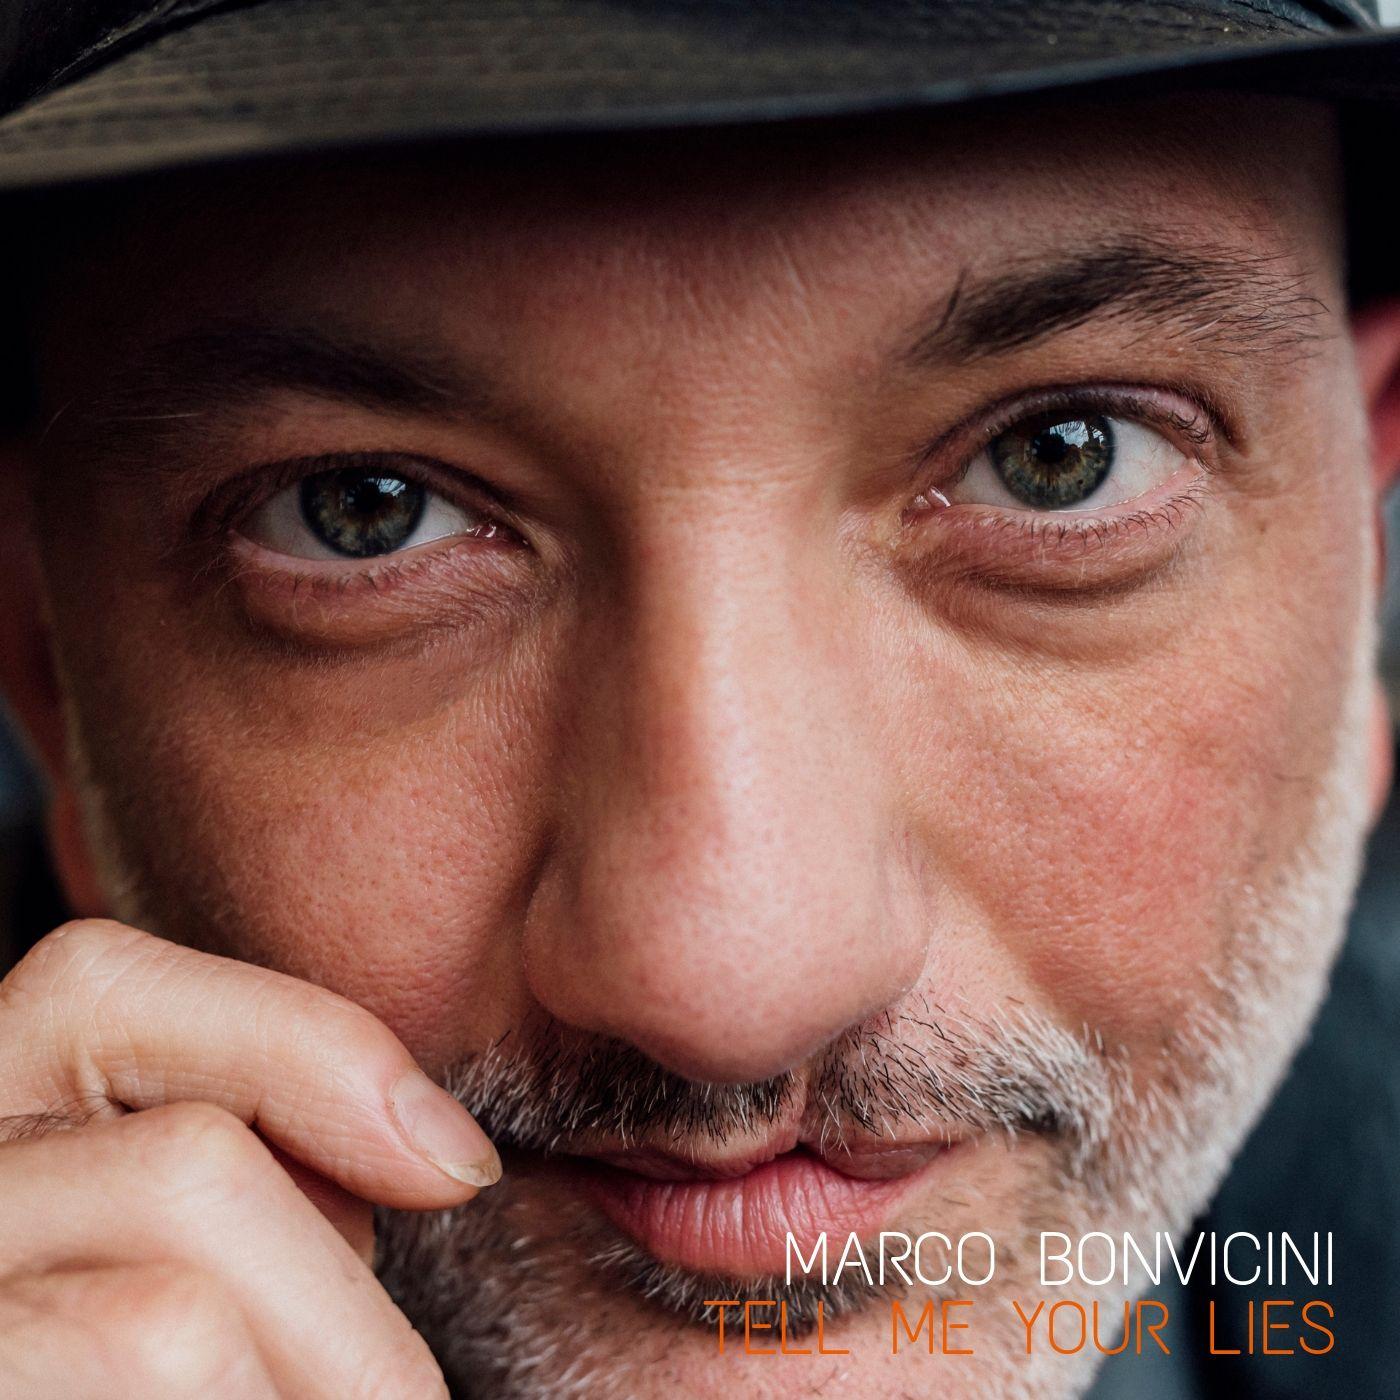 """MARCO BONVICINI: IL 18 GIUGNO LA RADIO DATE DEL NUOVO SINGOLO """"TELL ME YOUR LIES"""". TEASER"""